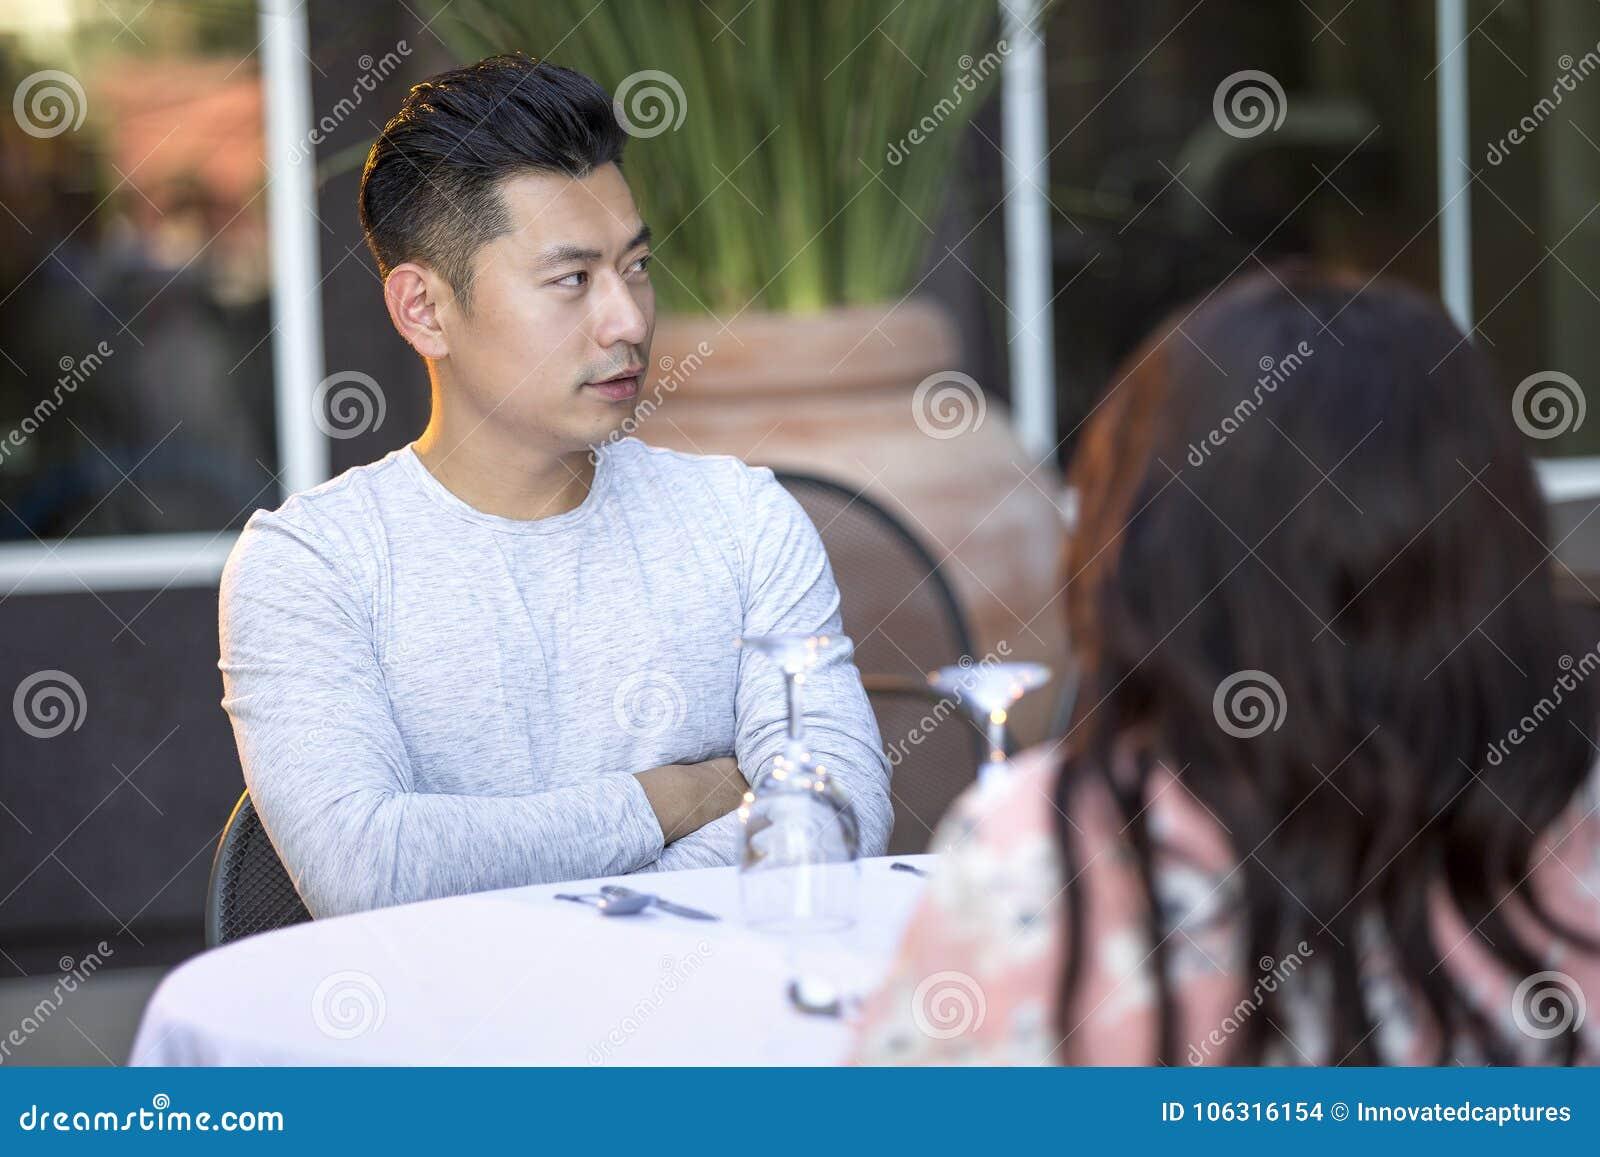 Online dating for asian men download